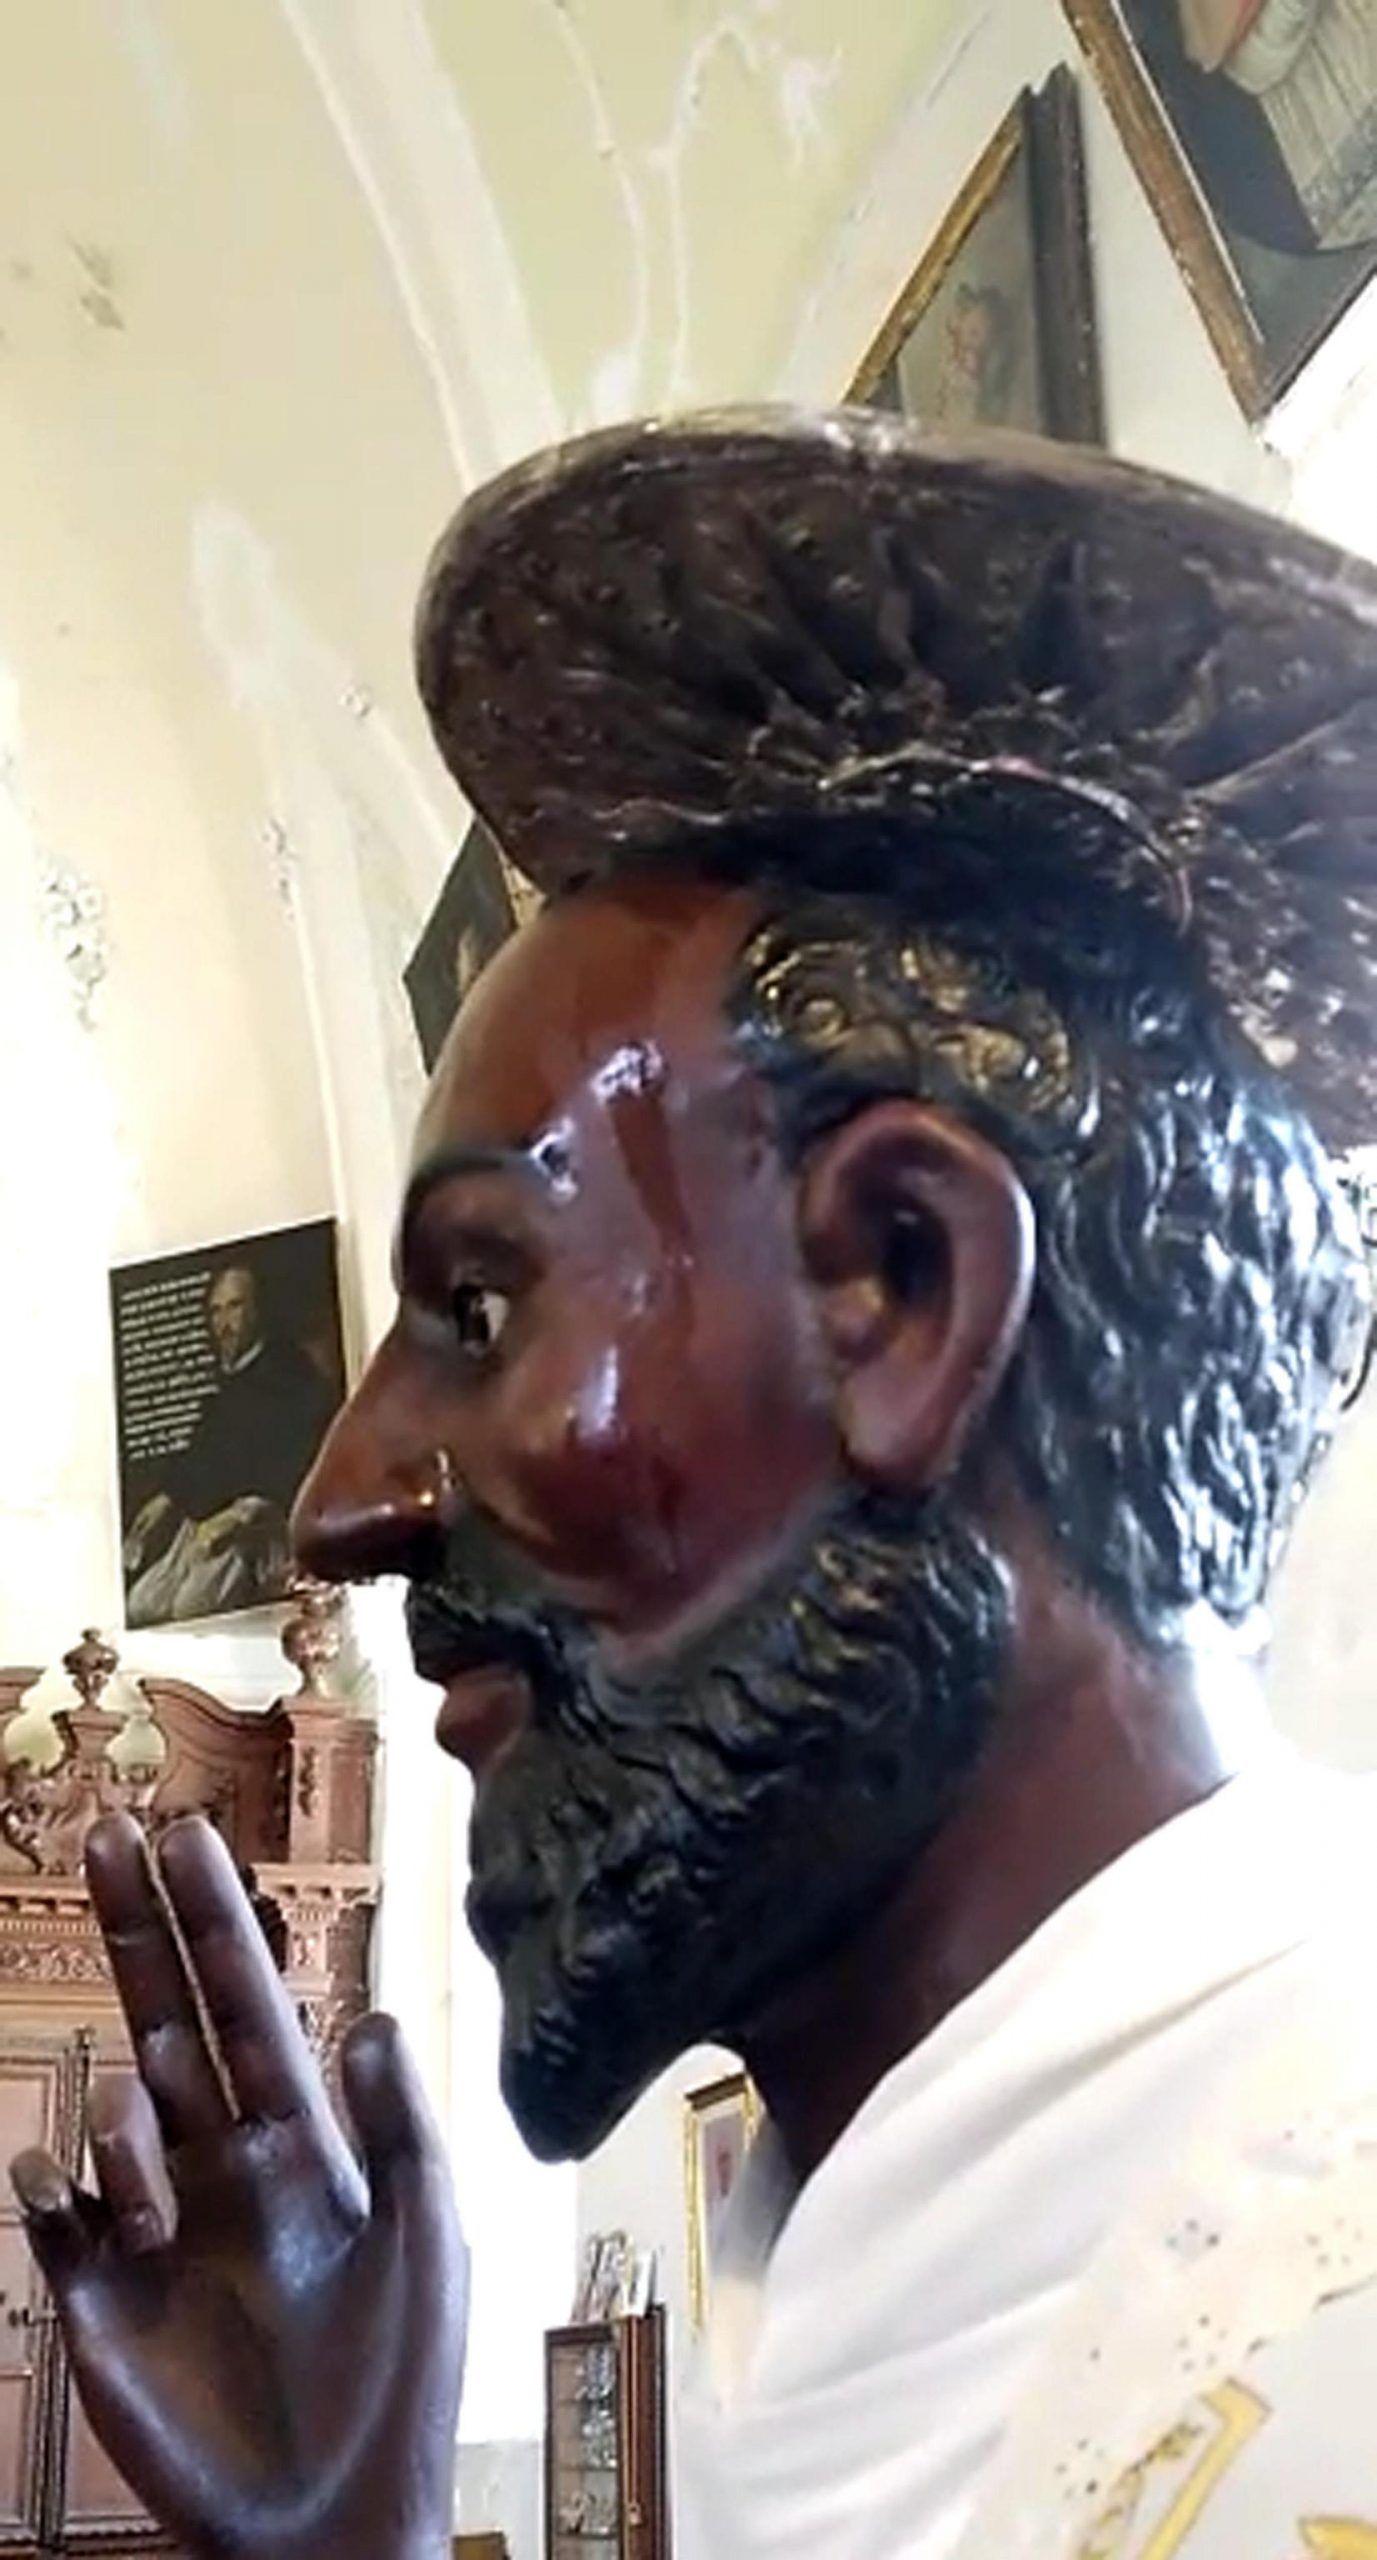 Statue che piangono: dalla Madonna ai Santi, i casi che destano clamore